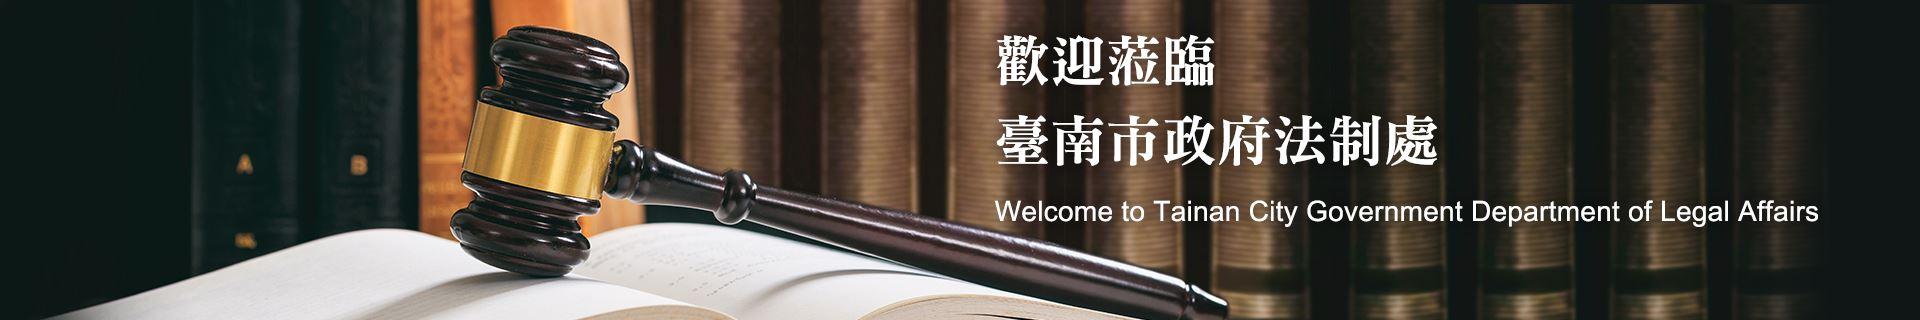 臺南市政府法制處